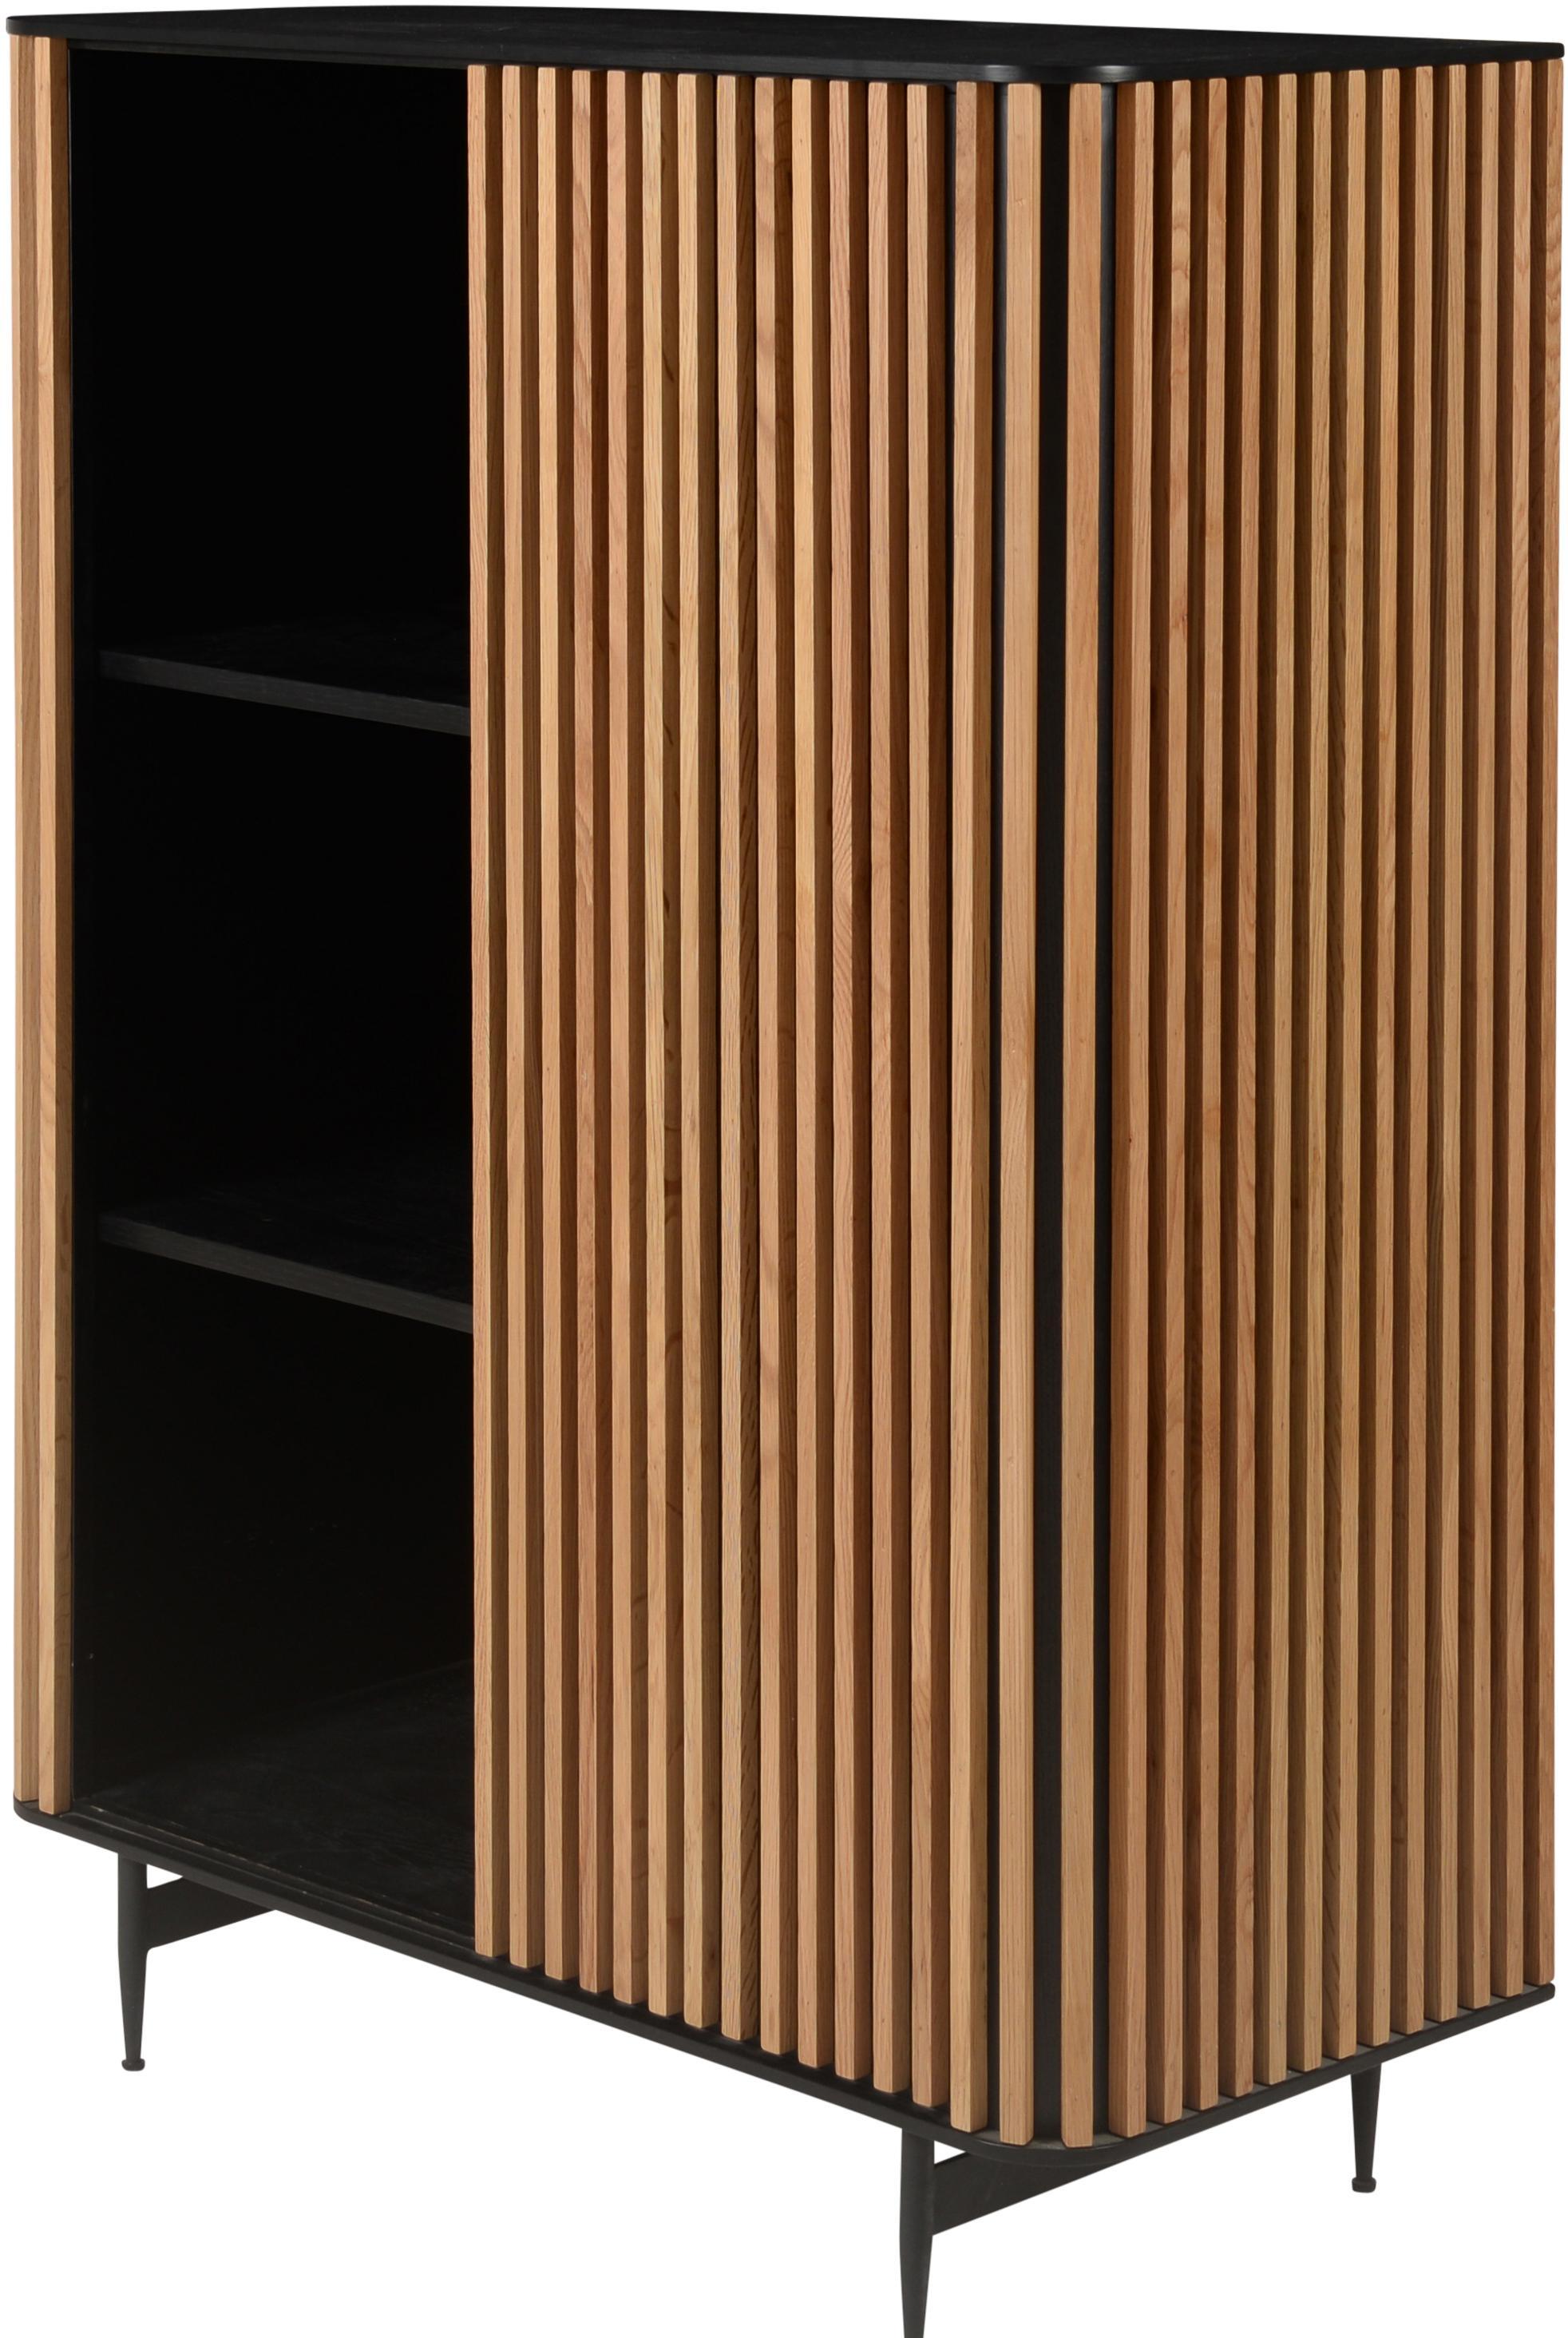 Design-Highboard Linea mit Eichenholzfurnier, Korpus: Mitteldichte Holzfaserpla, Füße: Metall, lackiert, Schwarz, Eichenholz, 98 x 135 cm